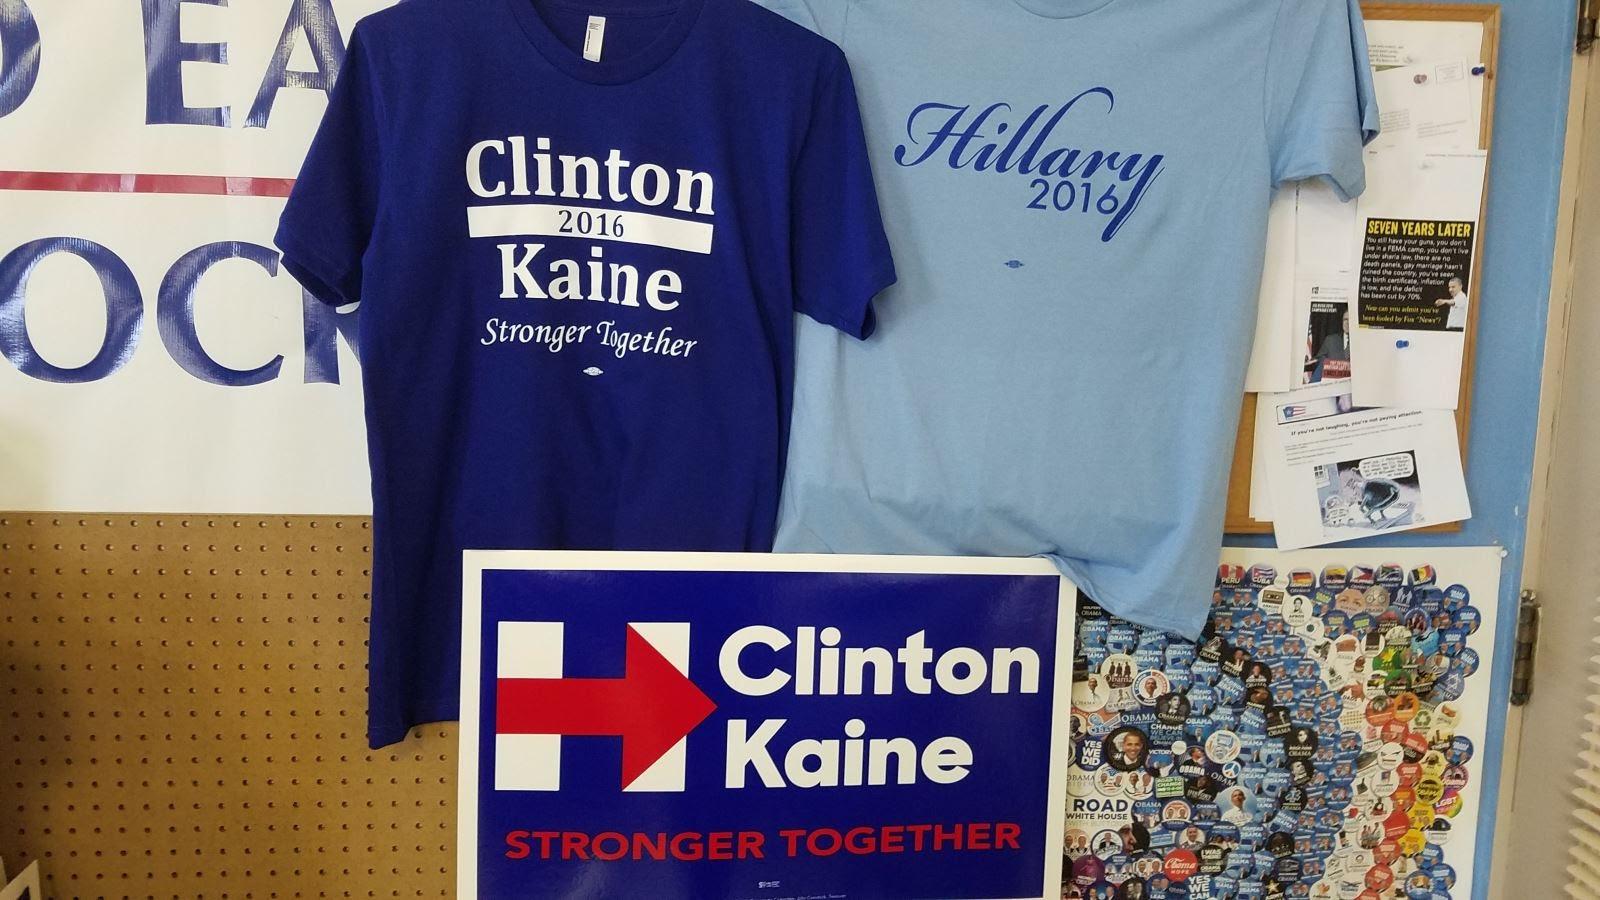 Tony S Kansas City Kansas City Hillary Clinton Signs